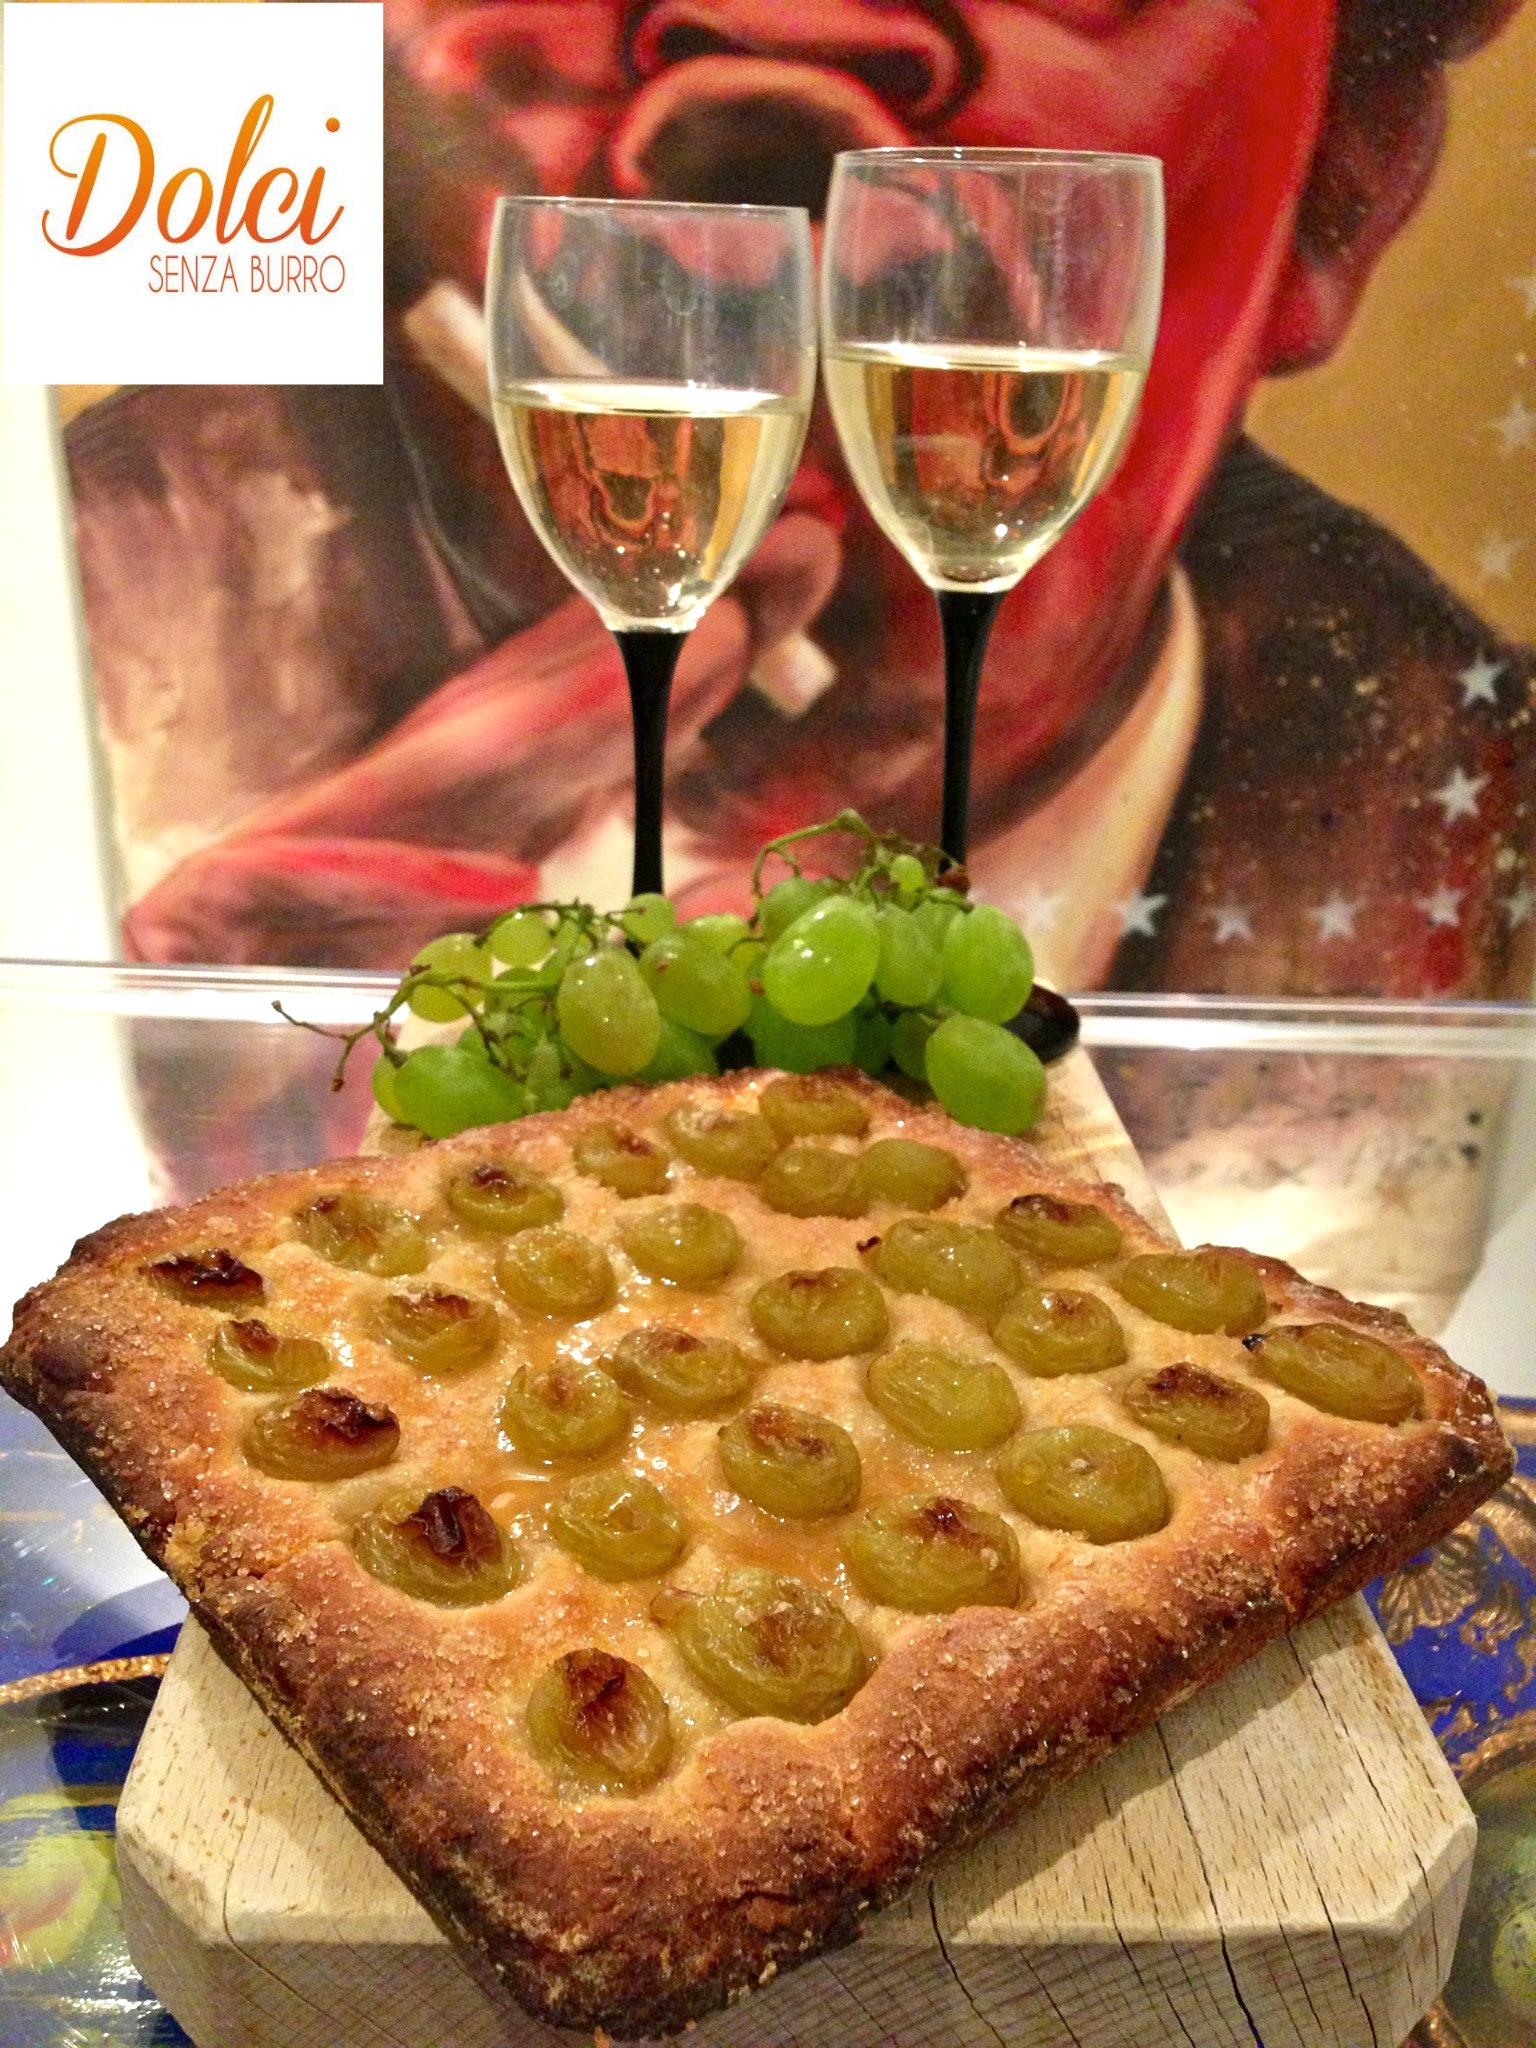 La ricetta della Focaccia Dolce Senza Burro all'Uva, il Un dolce senza senza lattosio e uova di dolci senza burro